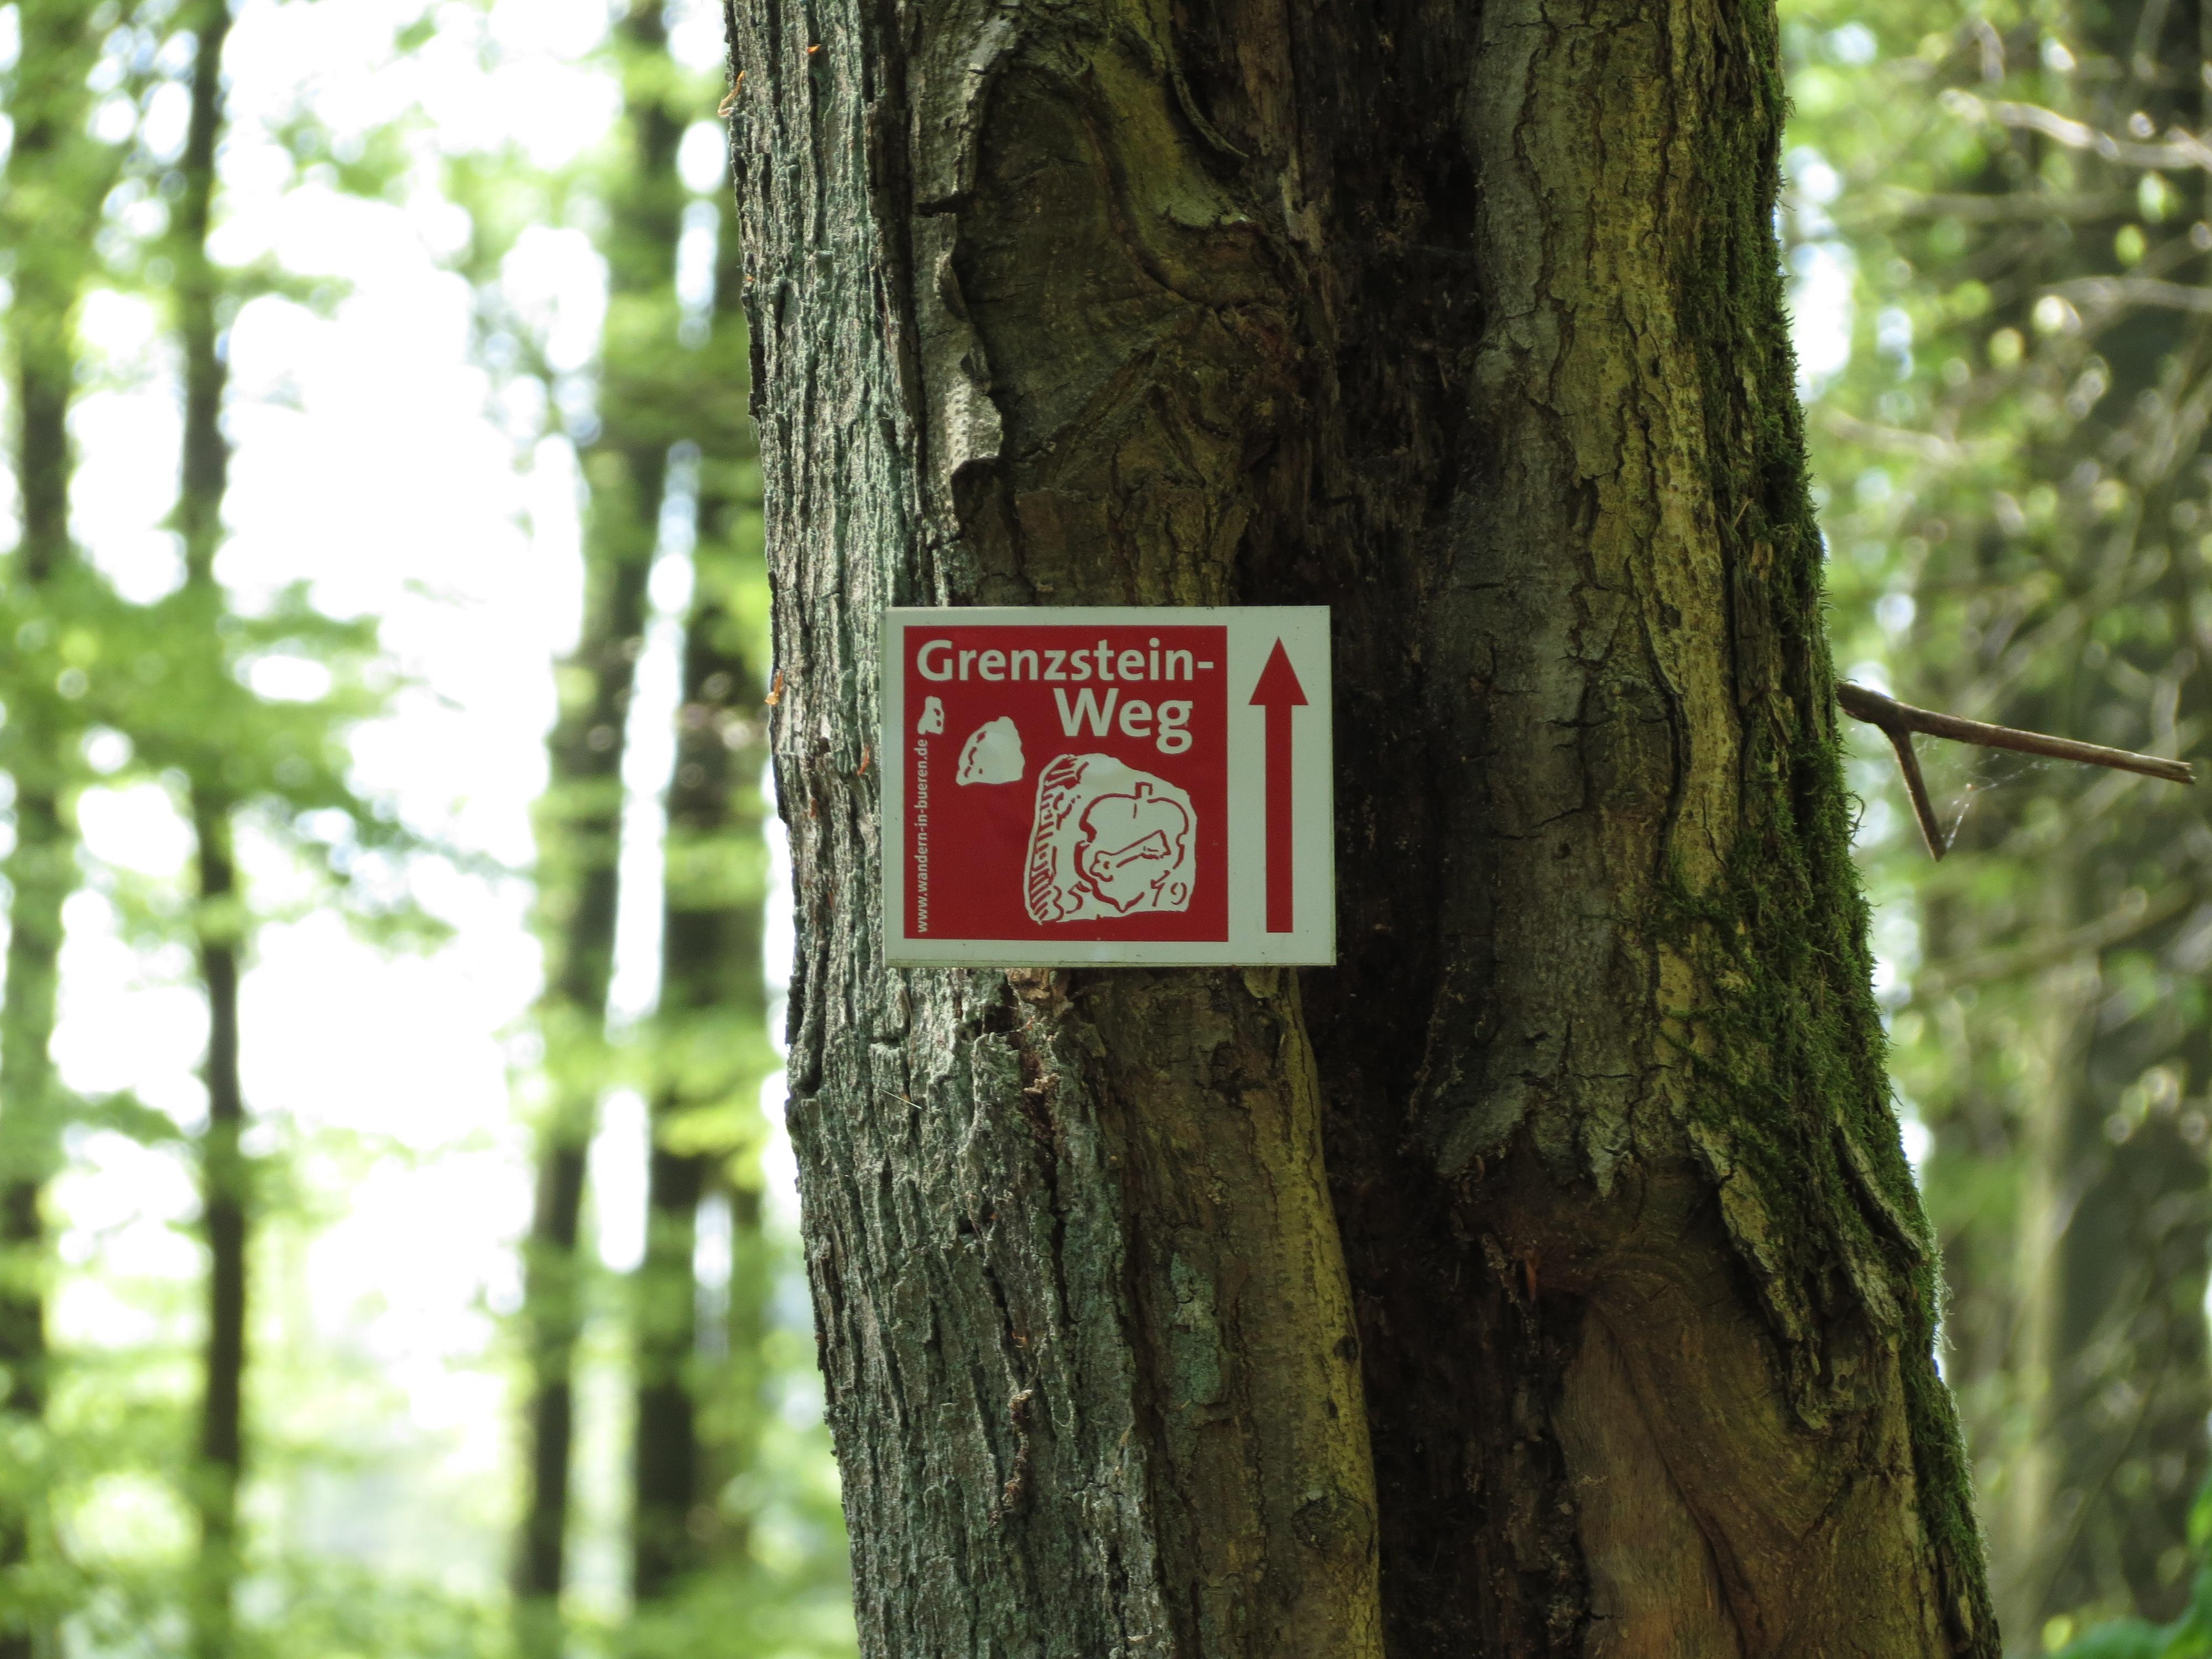 Sehr gute durchgehende Kennzeichnung des Wanderweges